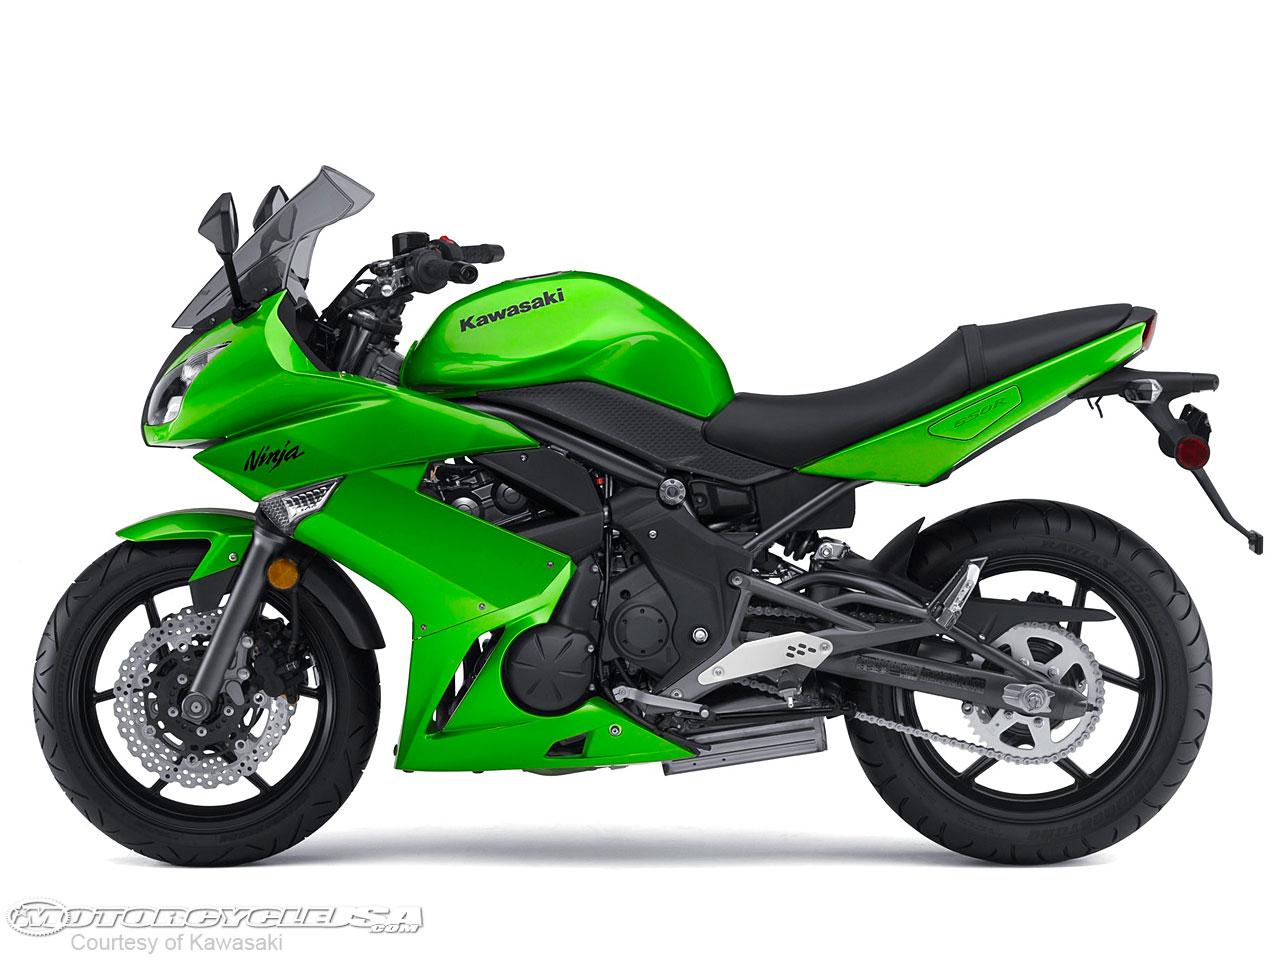 KAWASAKI NINJA 650R green